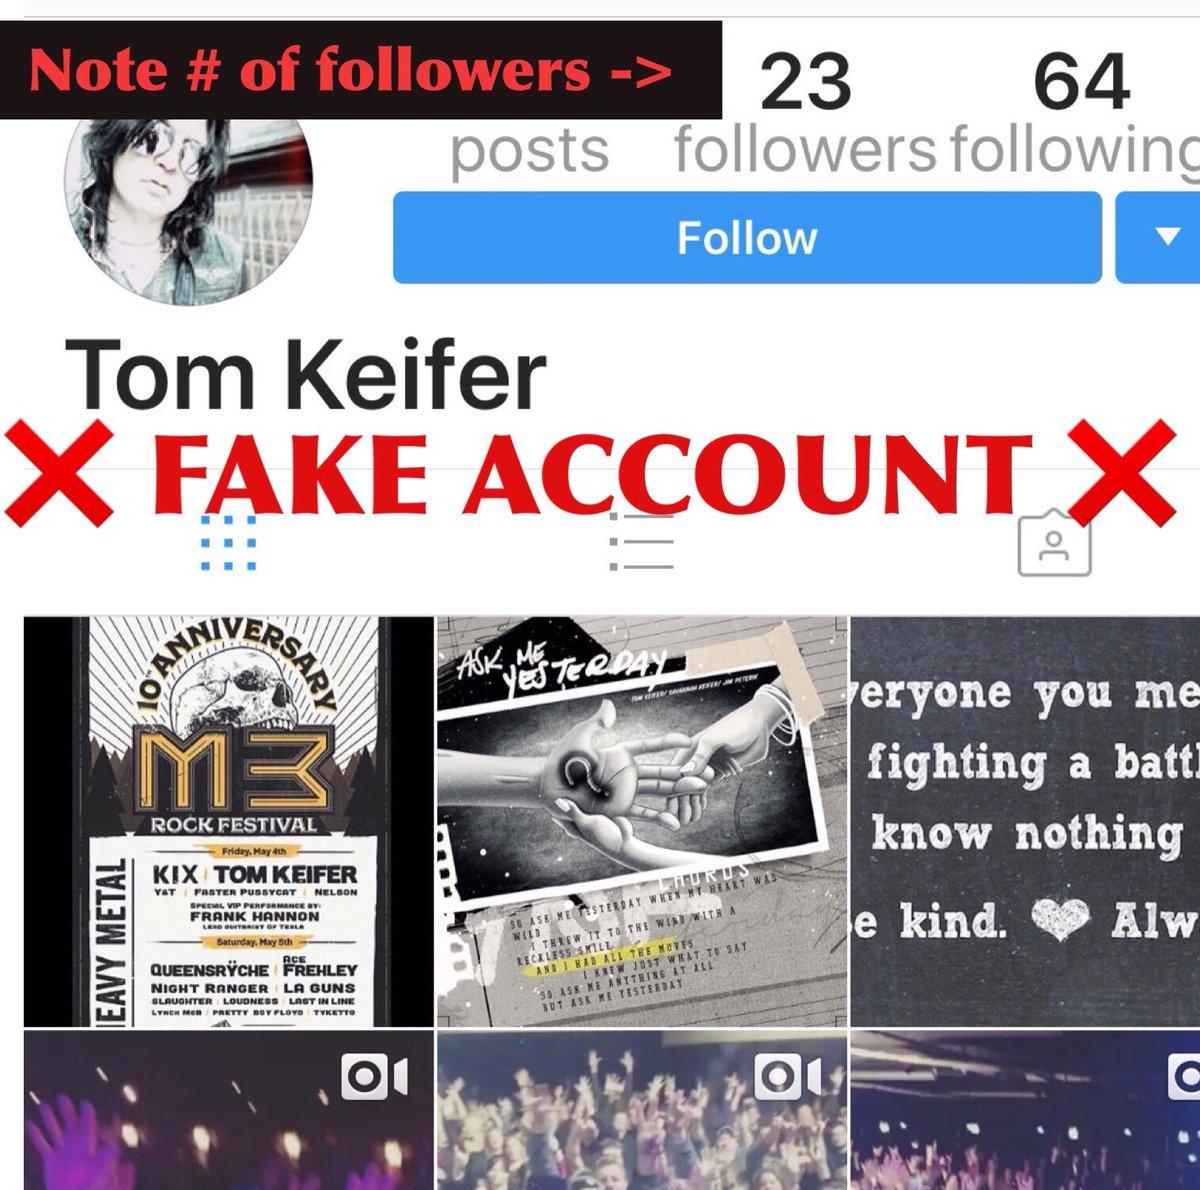 Tom Keifer on Twitter: